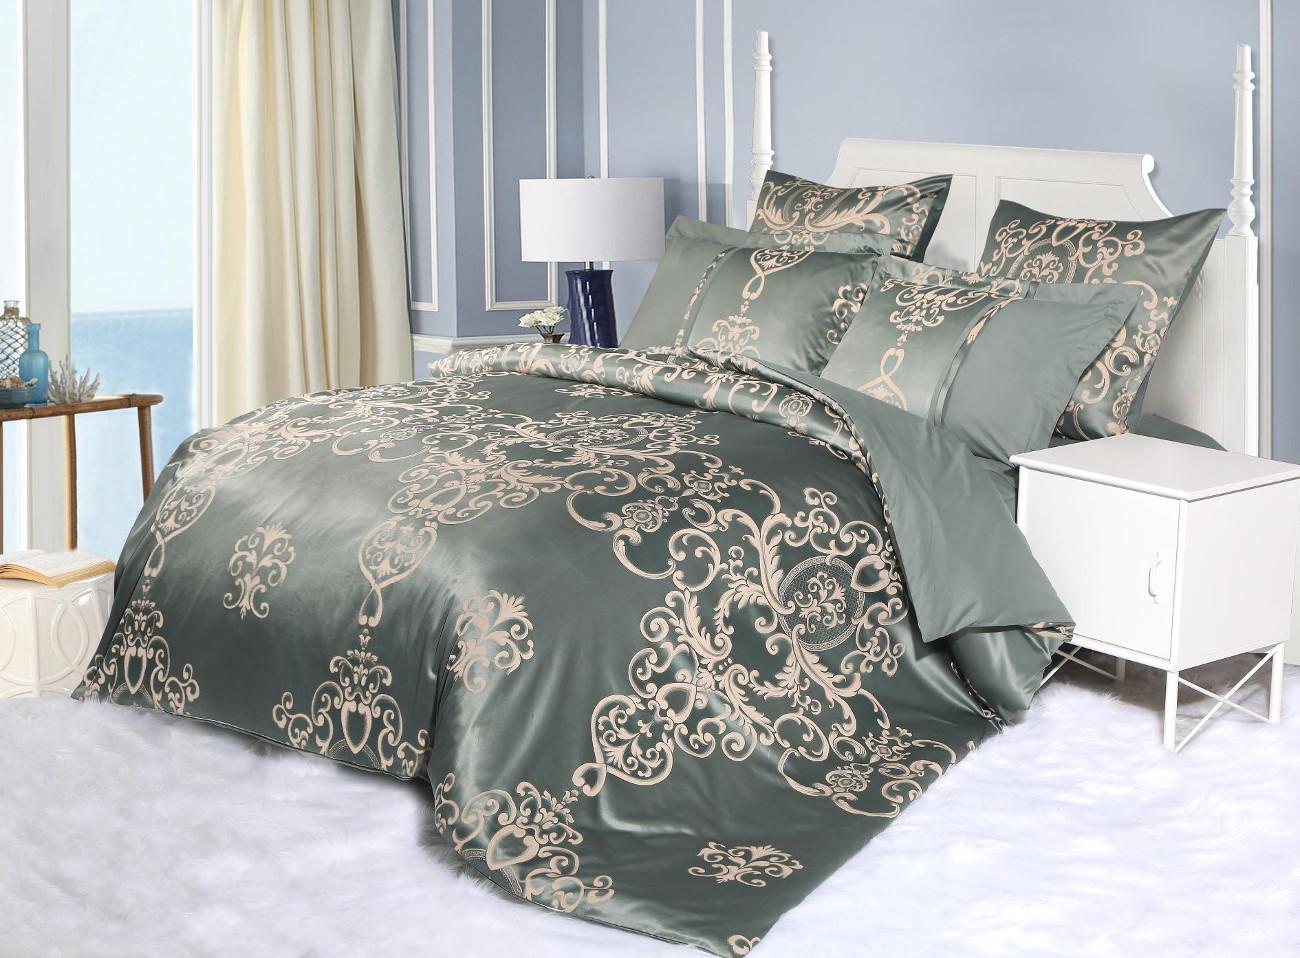 Постельное белье Cleo Постельное белье Calida (2 сп. евро) постельное белье cleo постельное белье night 2 сп евро